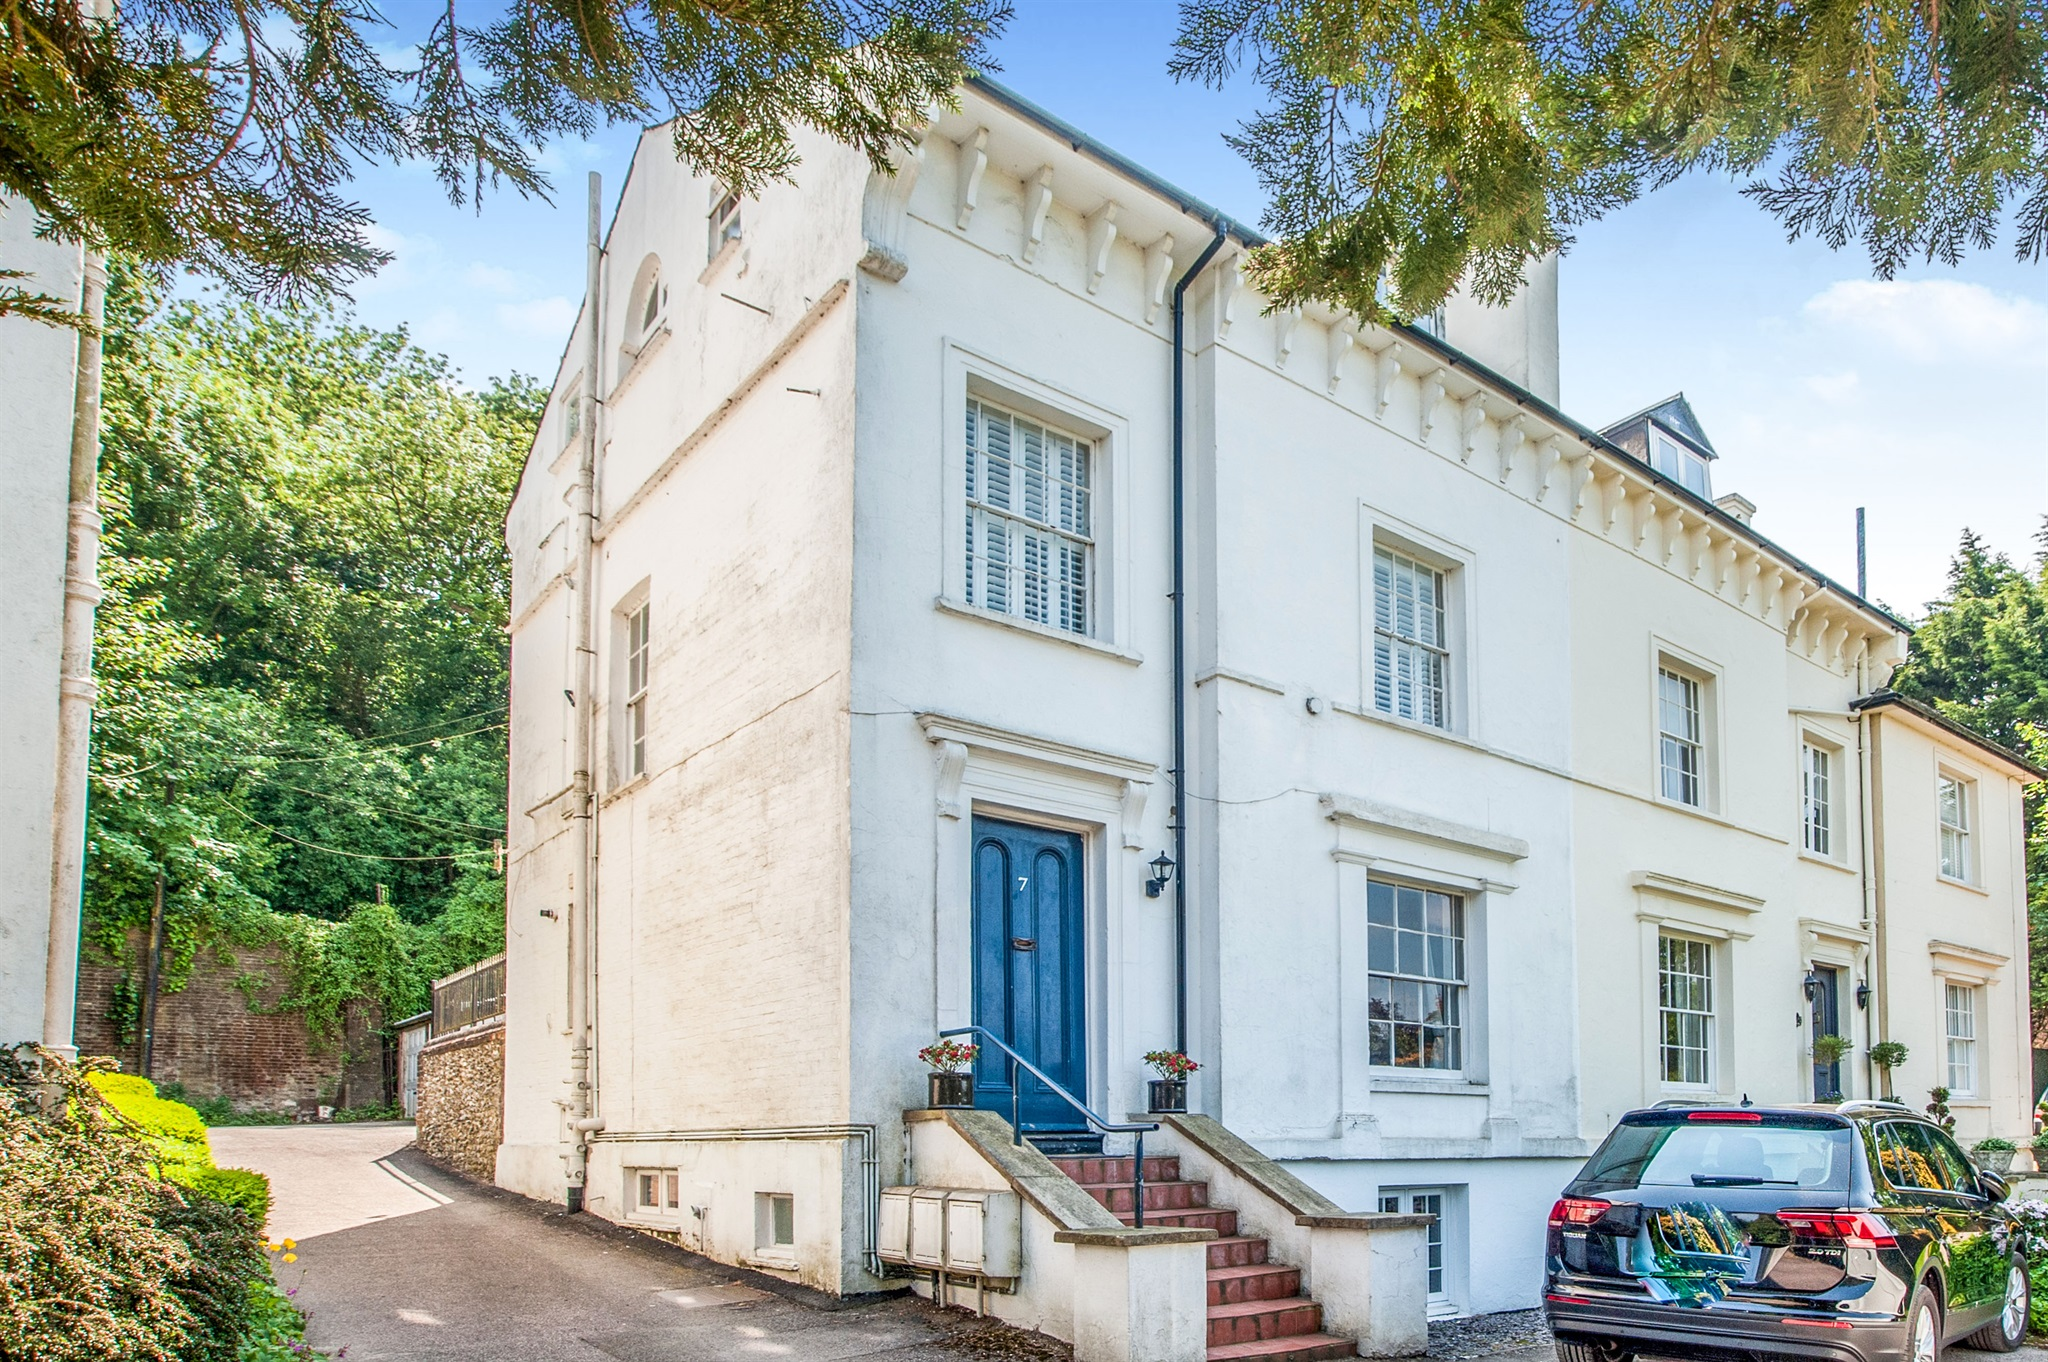 Roughdown Villas Road, Hemel Hempstead HP3, 1 bedroom flat for sale ...